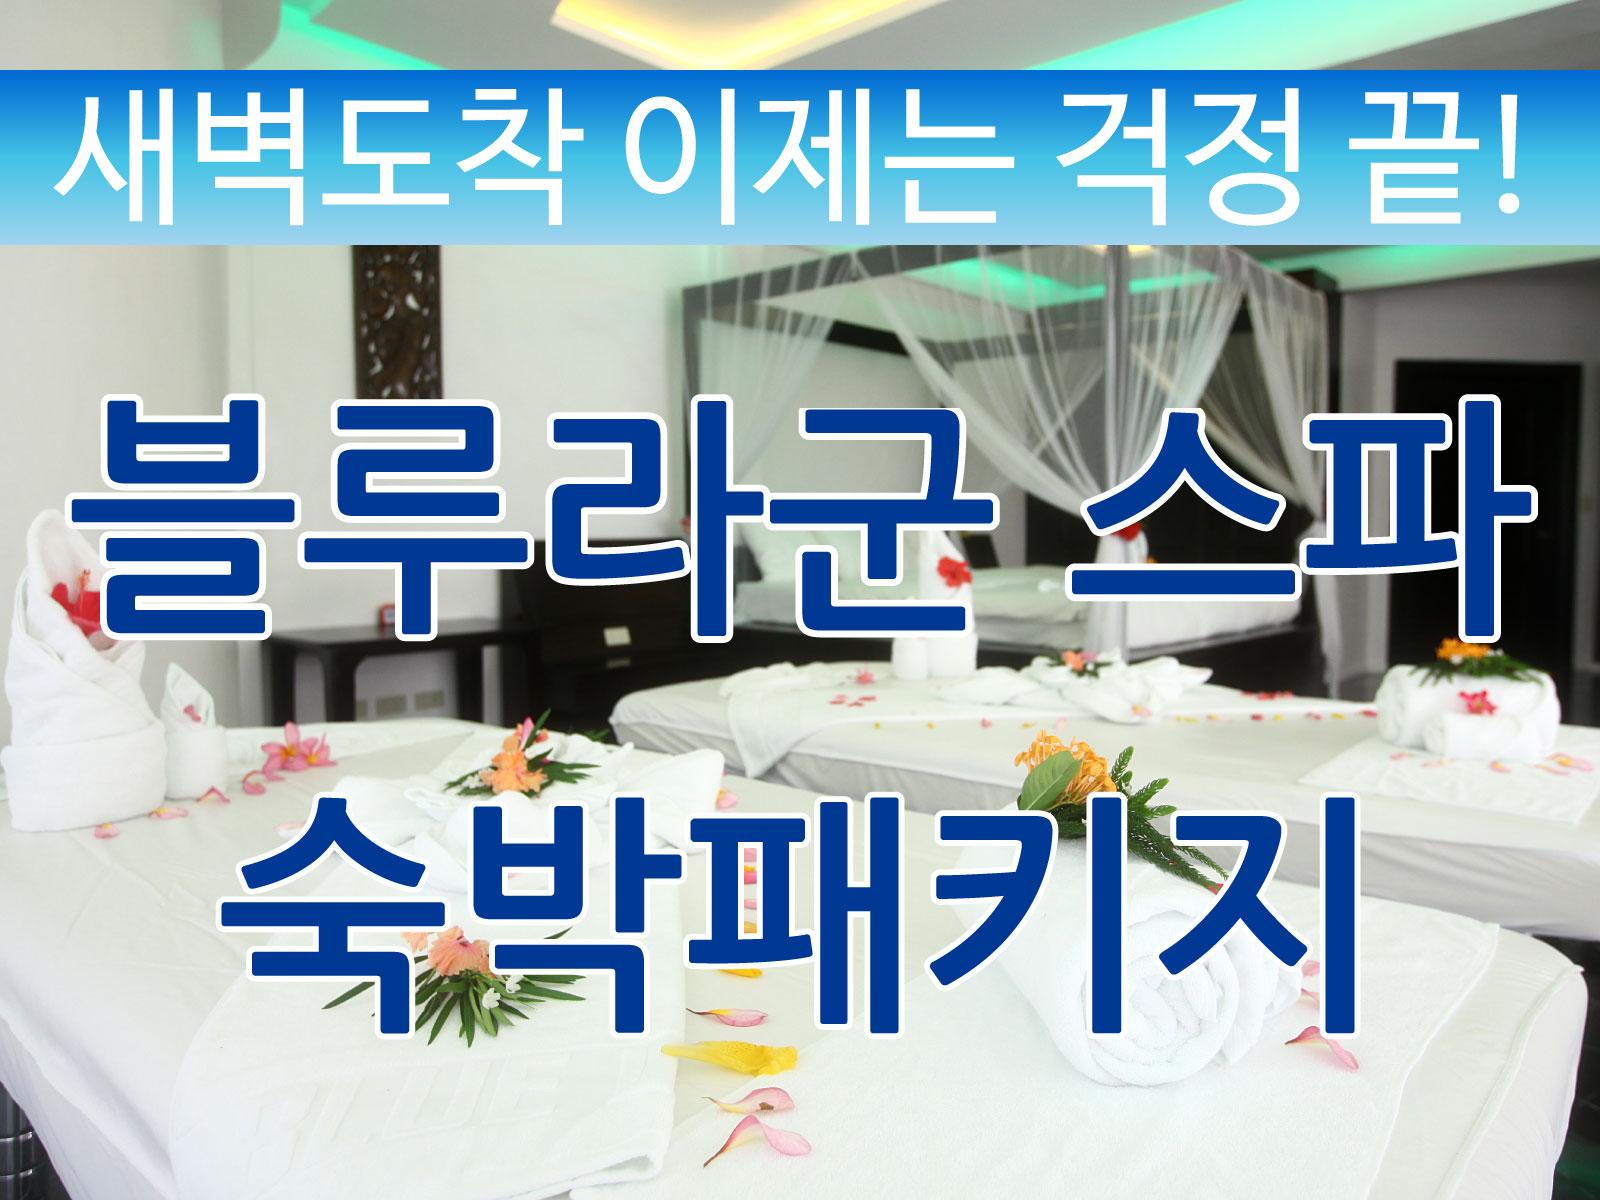 [보라카이 마사지] 블루라군 스파 원나잇팩(저녁 도착)-1박 무료숙박 제공